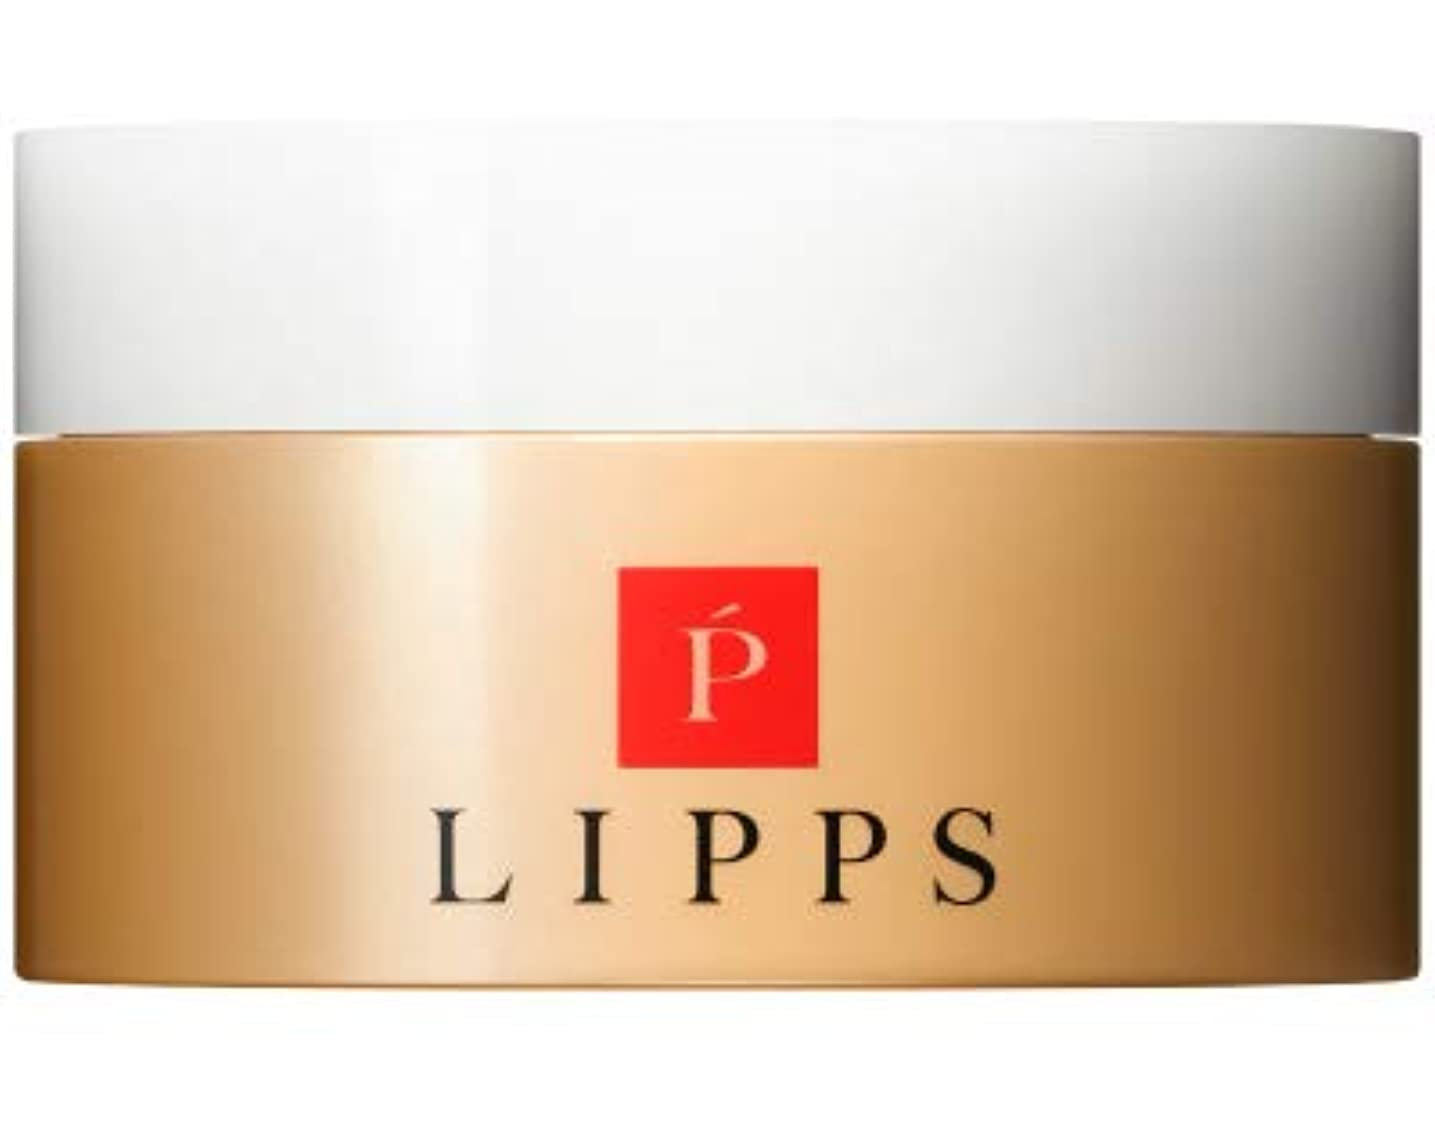 ズームインする追い出す残り物【ふわっと動く×自由自在な束感】LIPPS L12フリーキープワックス (85g)